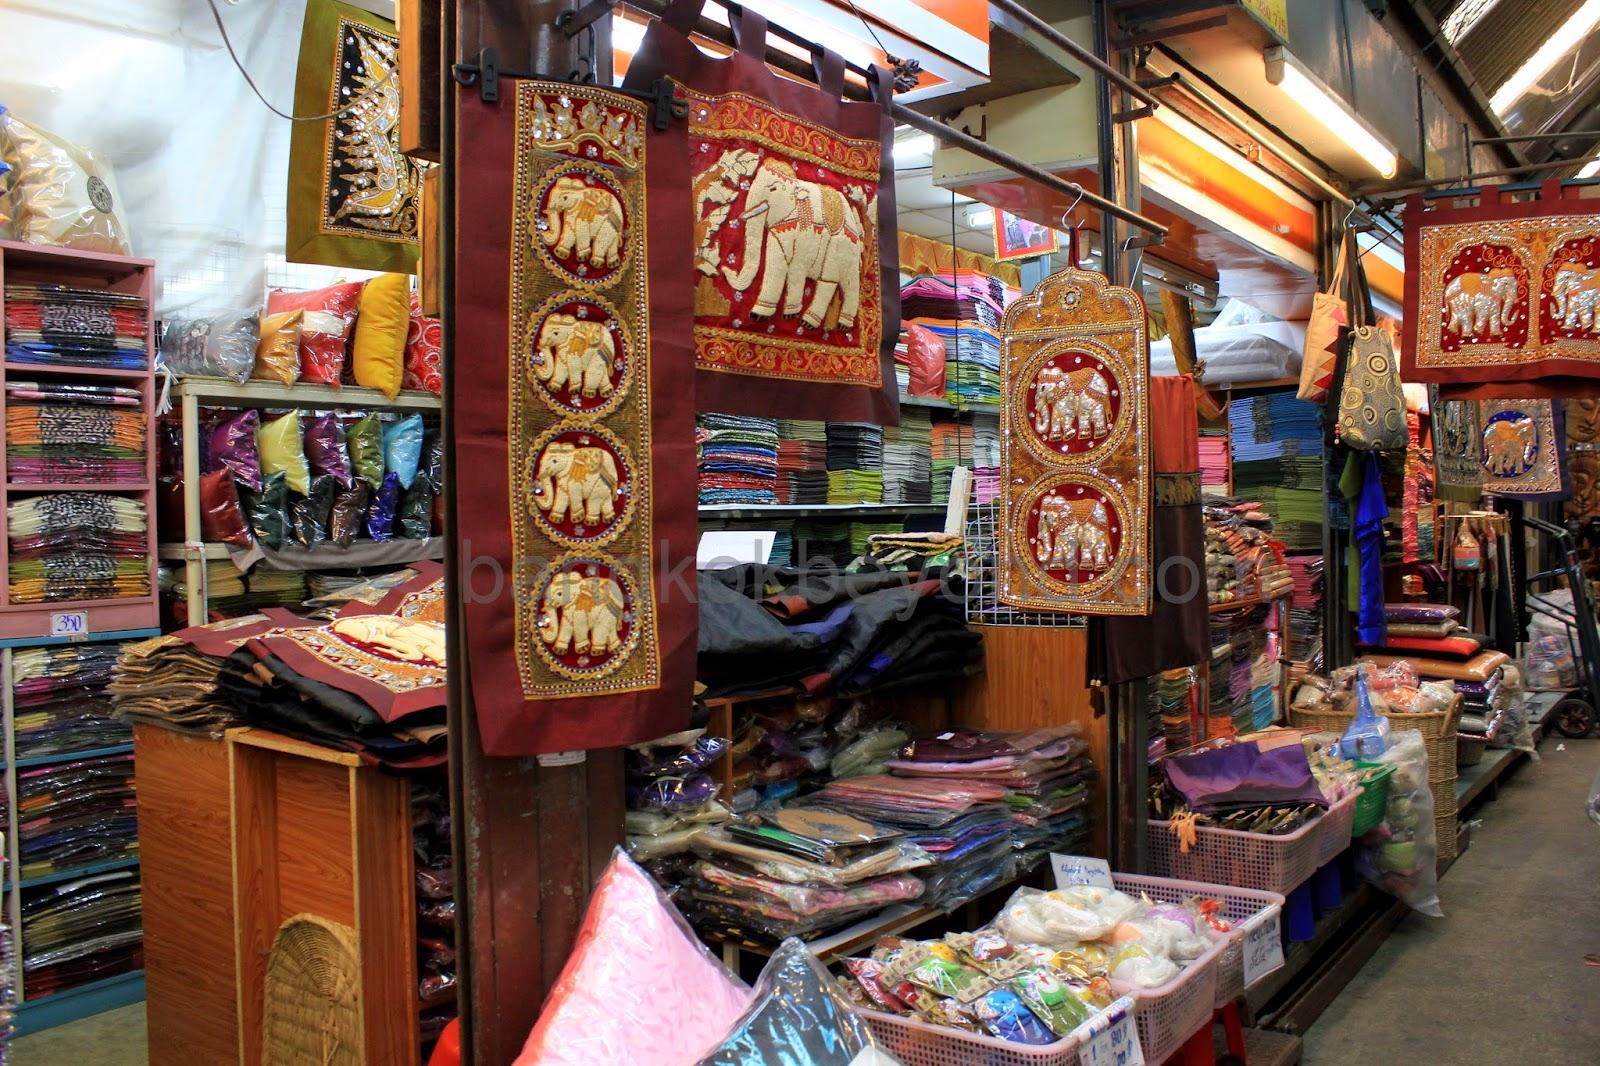 Lupa Beli Souvenir Saat Di Luar Negeri Borong Aja Di